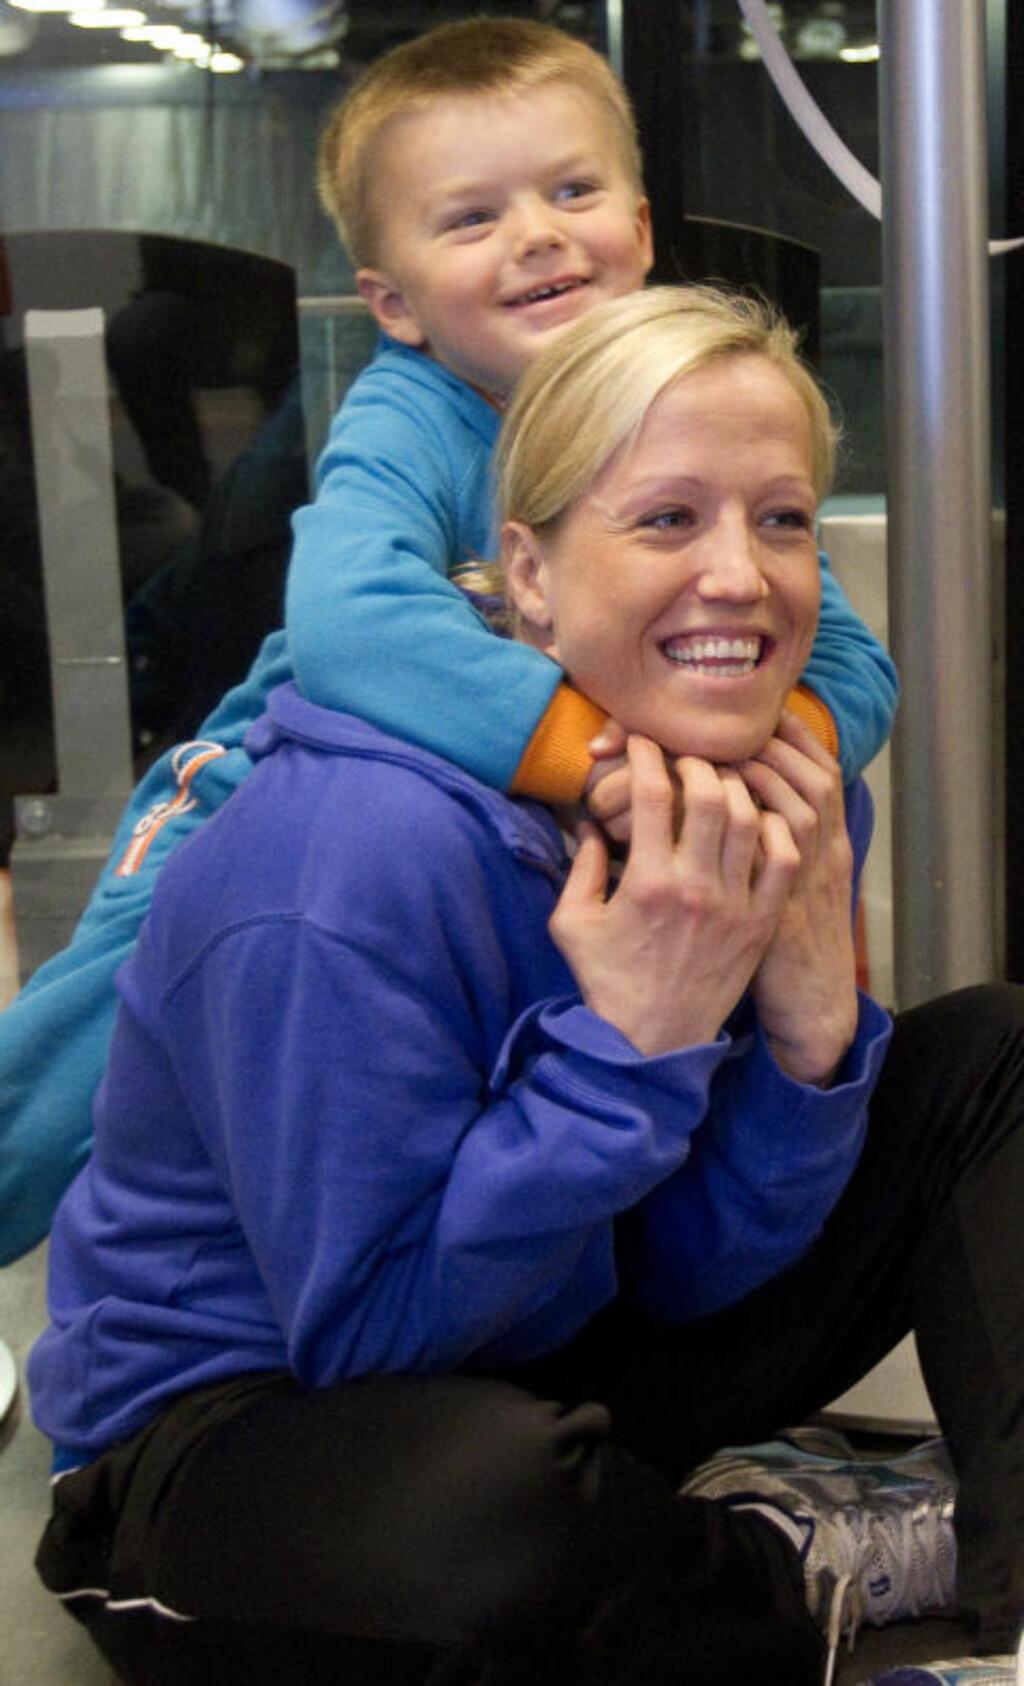 DRØMMEPUNKTUM: Heidi Løke gleder seg til å oppleve noe helt i Ungarn og Gy?r. - Men det hadde vært veldig gøy å avslutte i Larvik med et Champions League-gull. Løke topper toppscorerlista med 93 CL-mål foran de to finalekampene. Foto: Torbjørn Berg